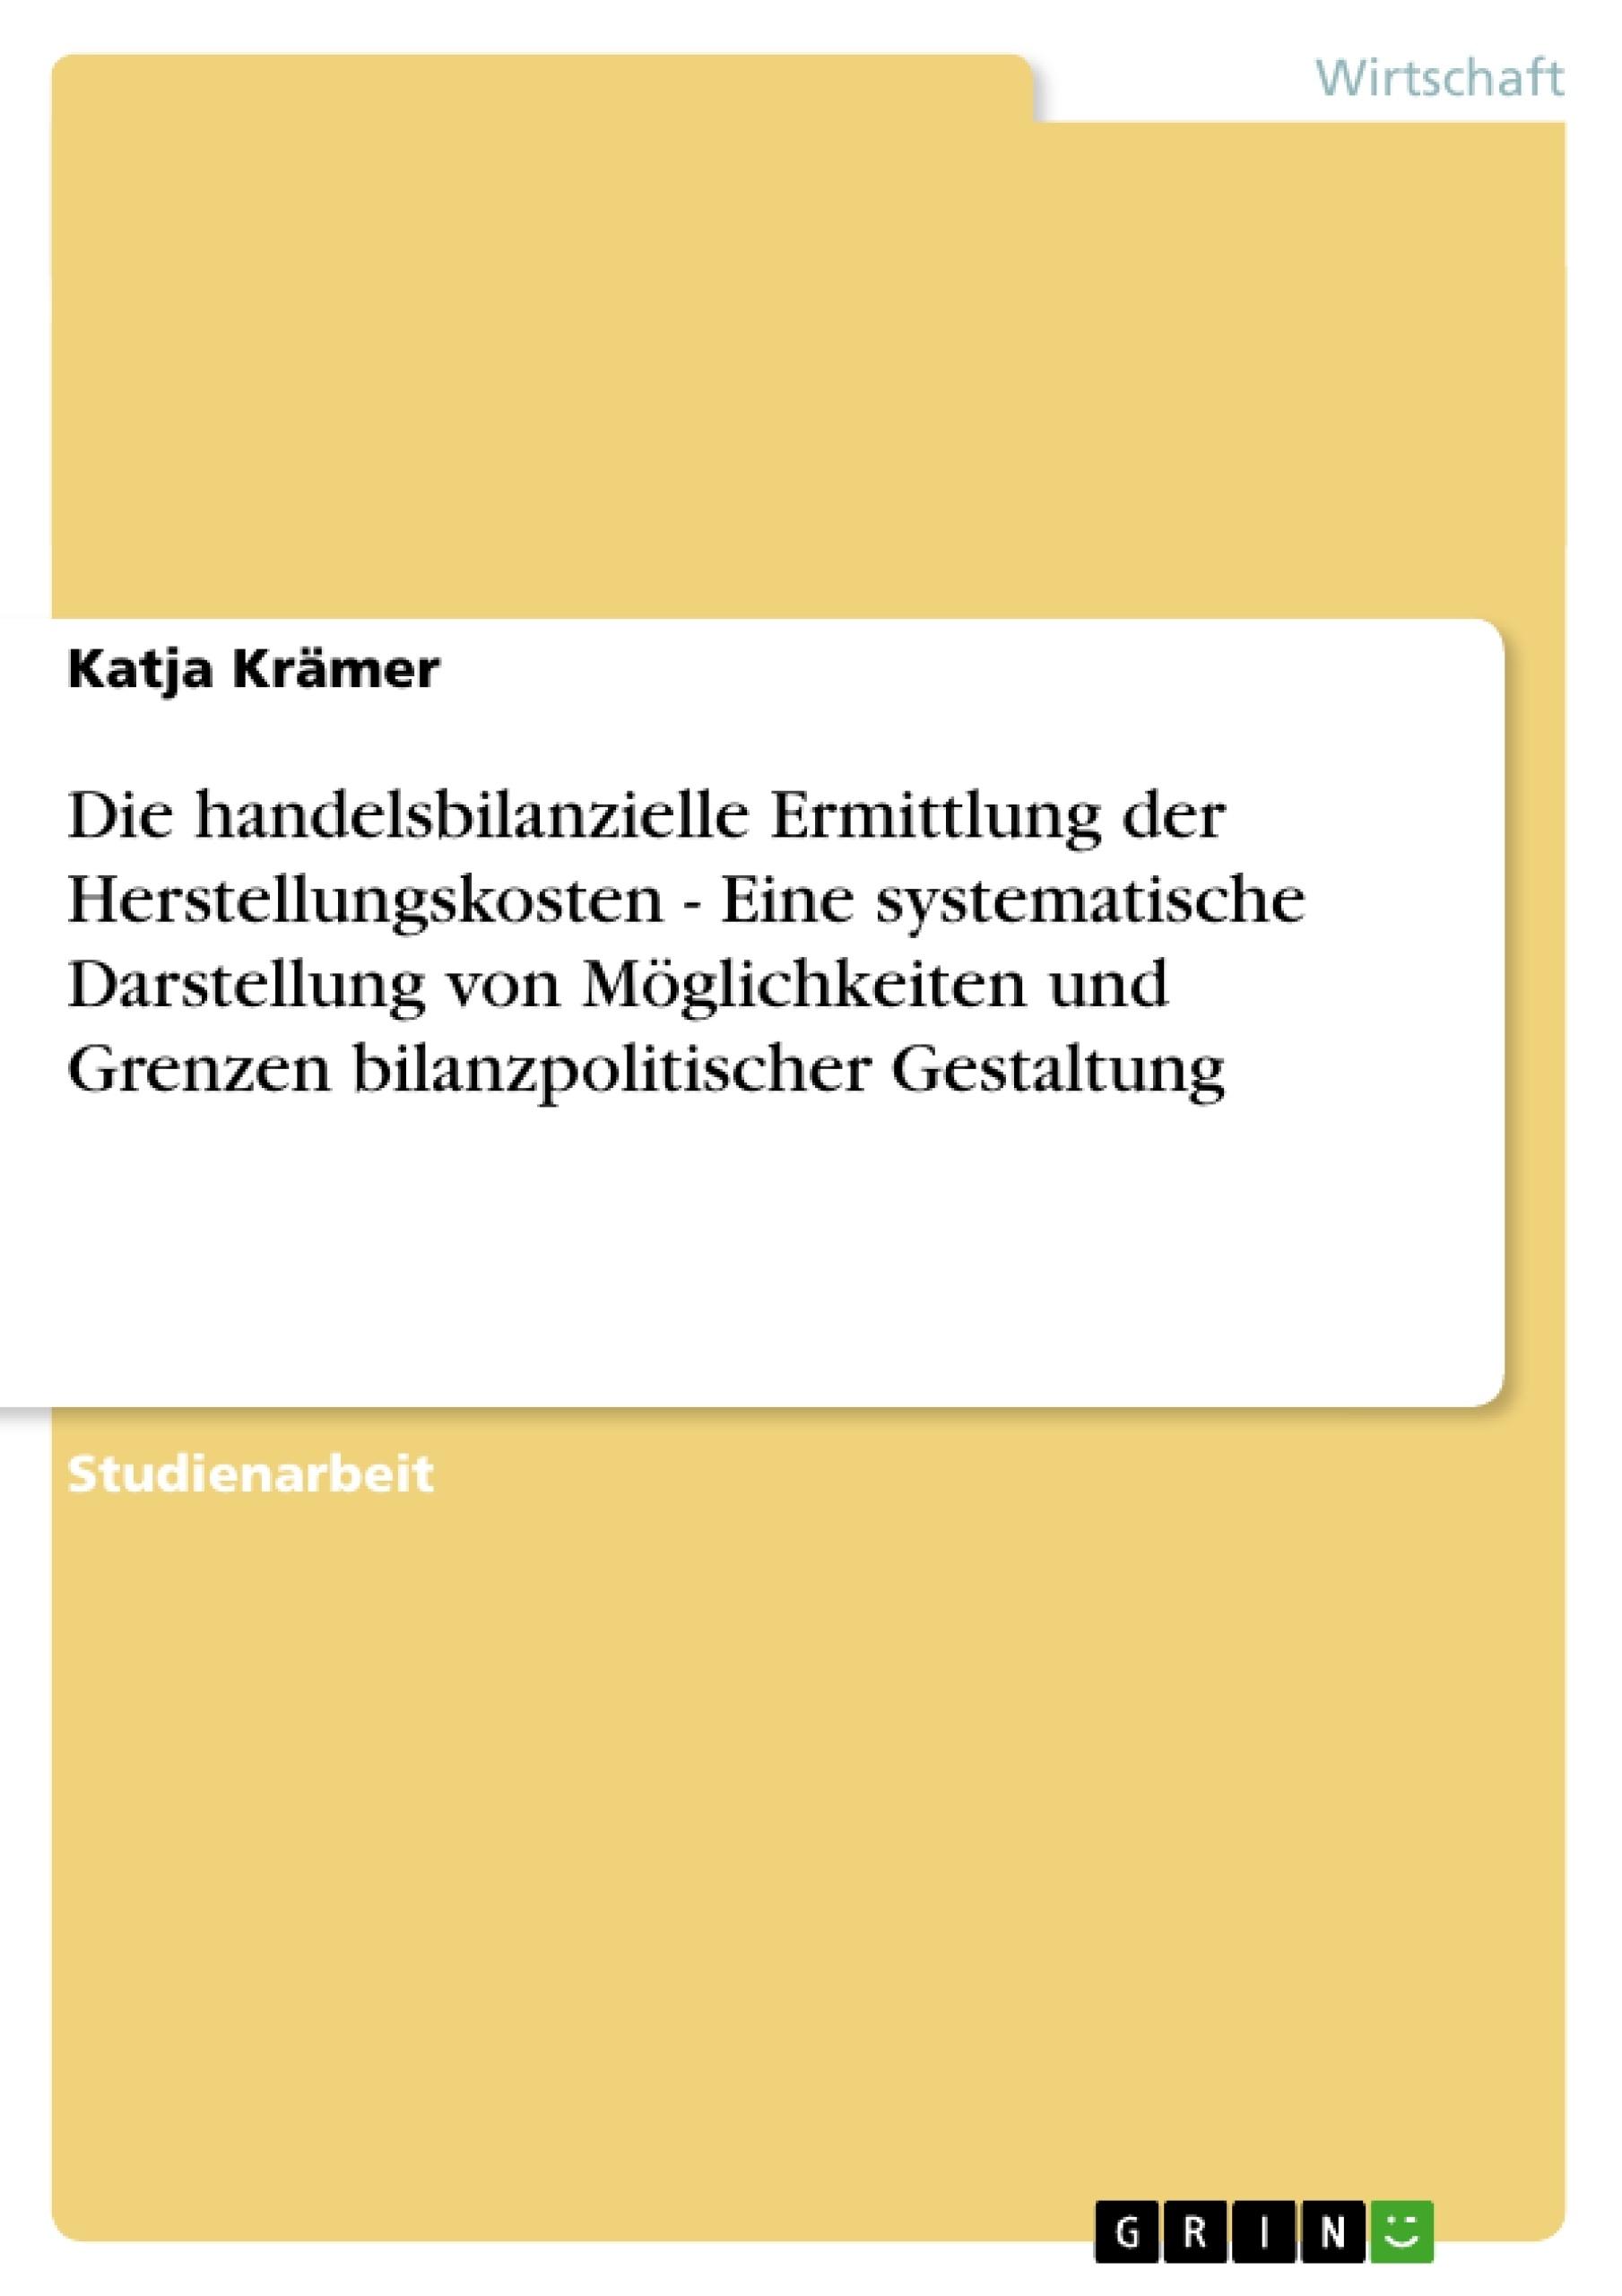 Titel: Die handelsbilanzielle Ermittlung der Herstellungskosten - Eine systematische Darstellung von Möglichkeiten und Grenzen bilanzpolitischer Gestaltung